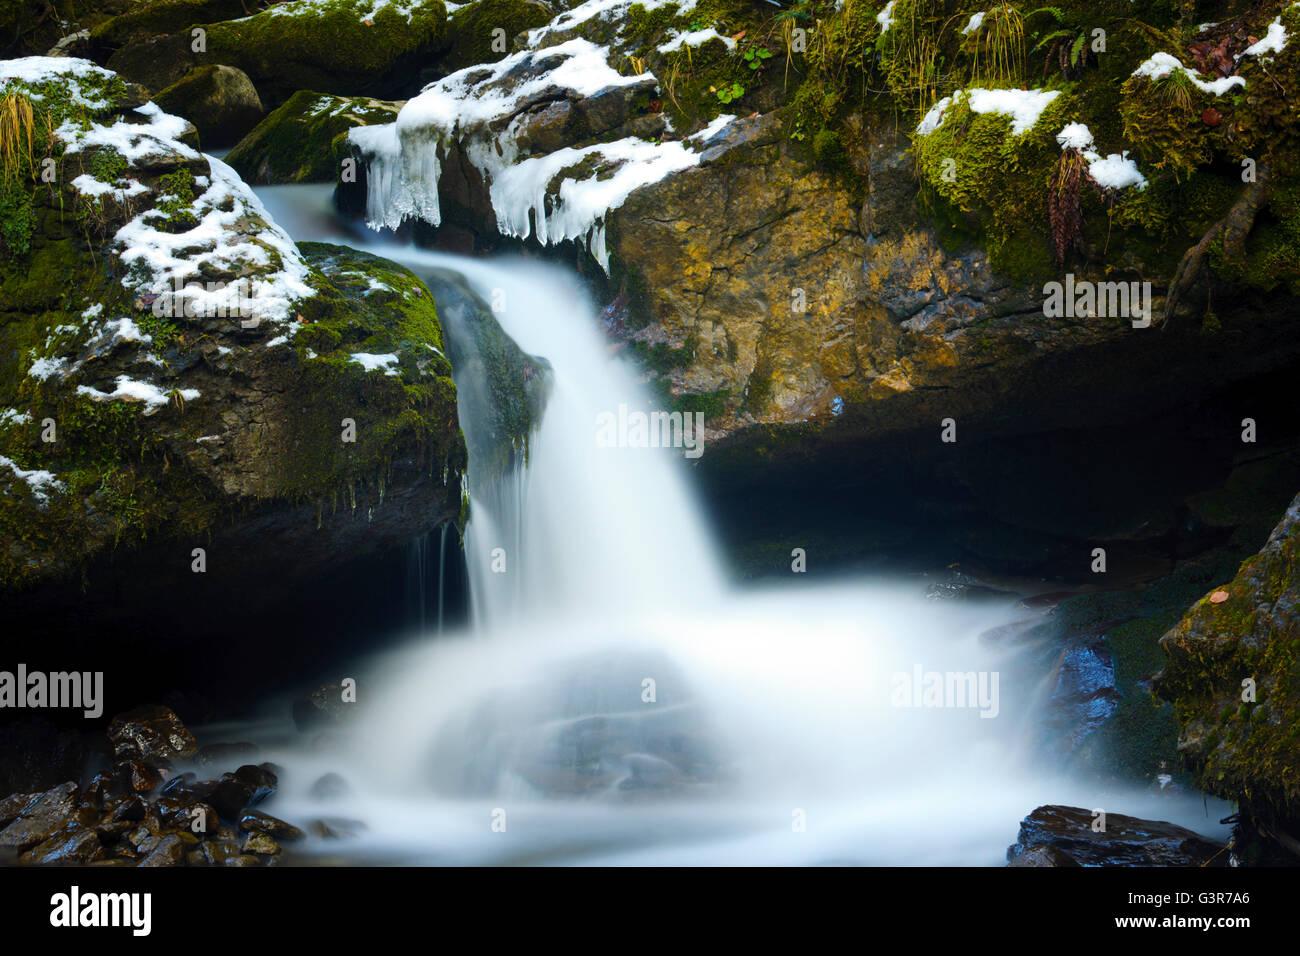 Pequeña cascada durante el invierno con el desenfoque de movimiento, Haute Savoie, Francia. Foto de stock